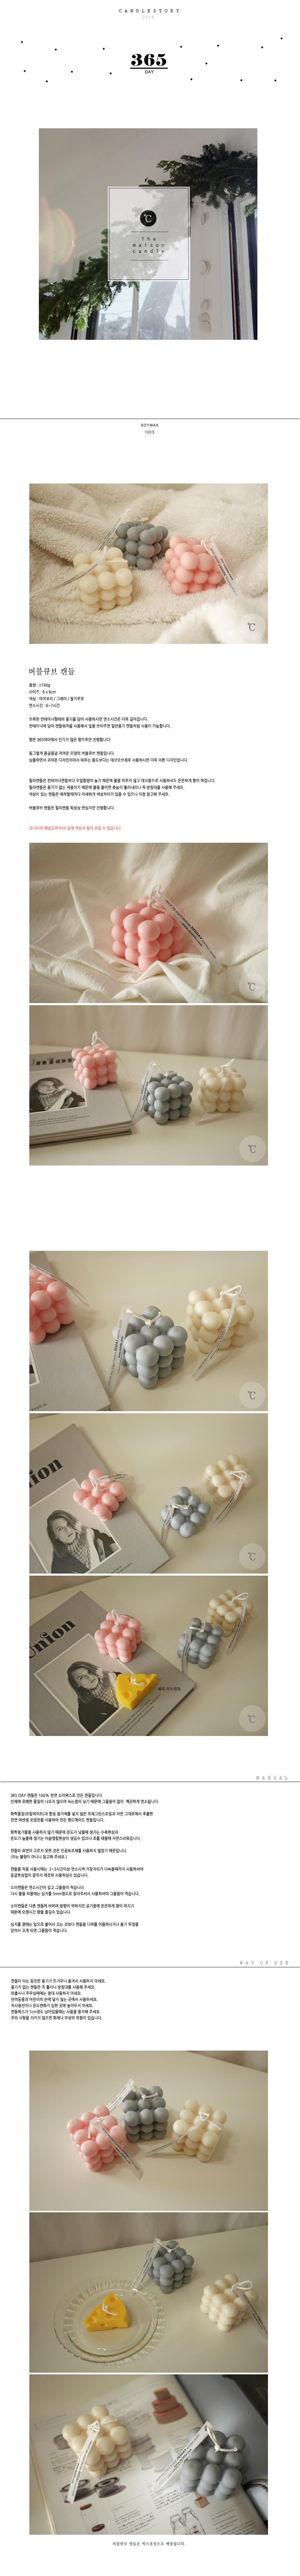 버블큐브 캔들 (오브제 캔들) - 365데이, 14,500원, 캔들, 필라캔들